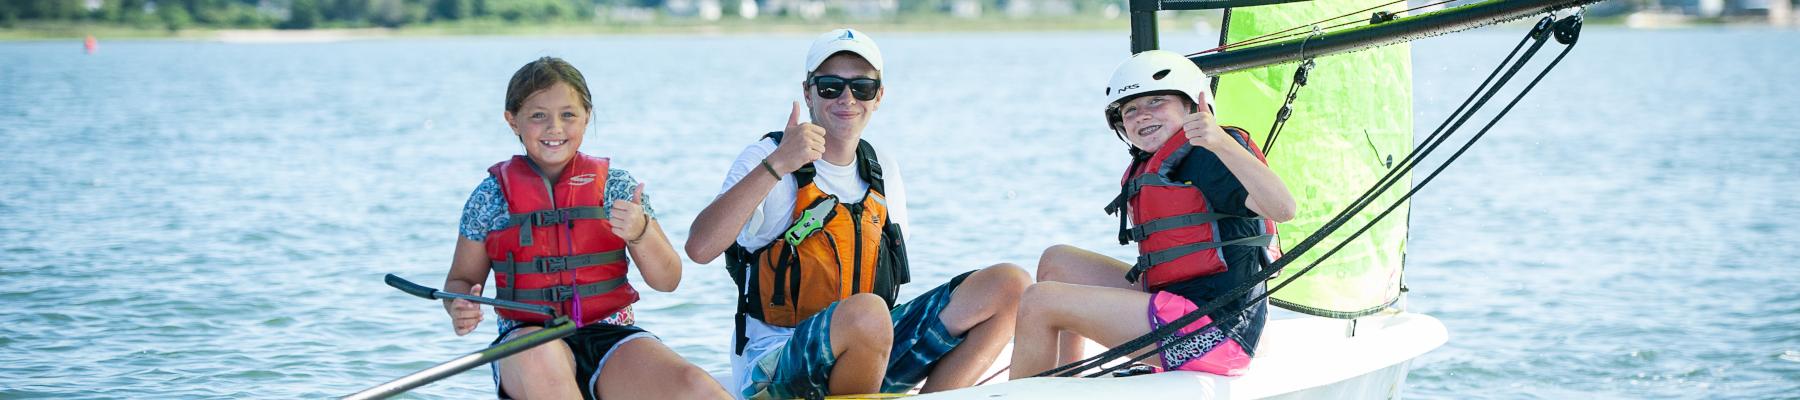 Clinton Sailing Club